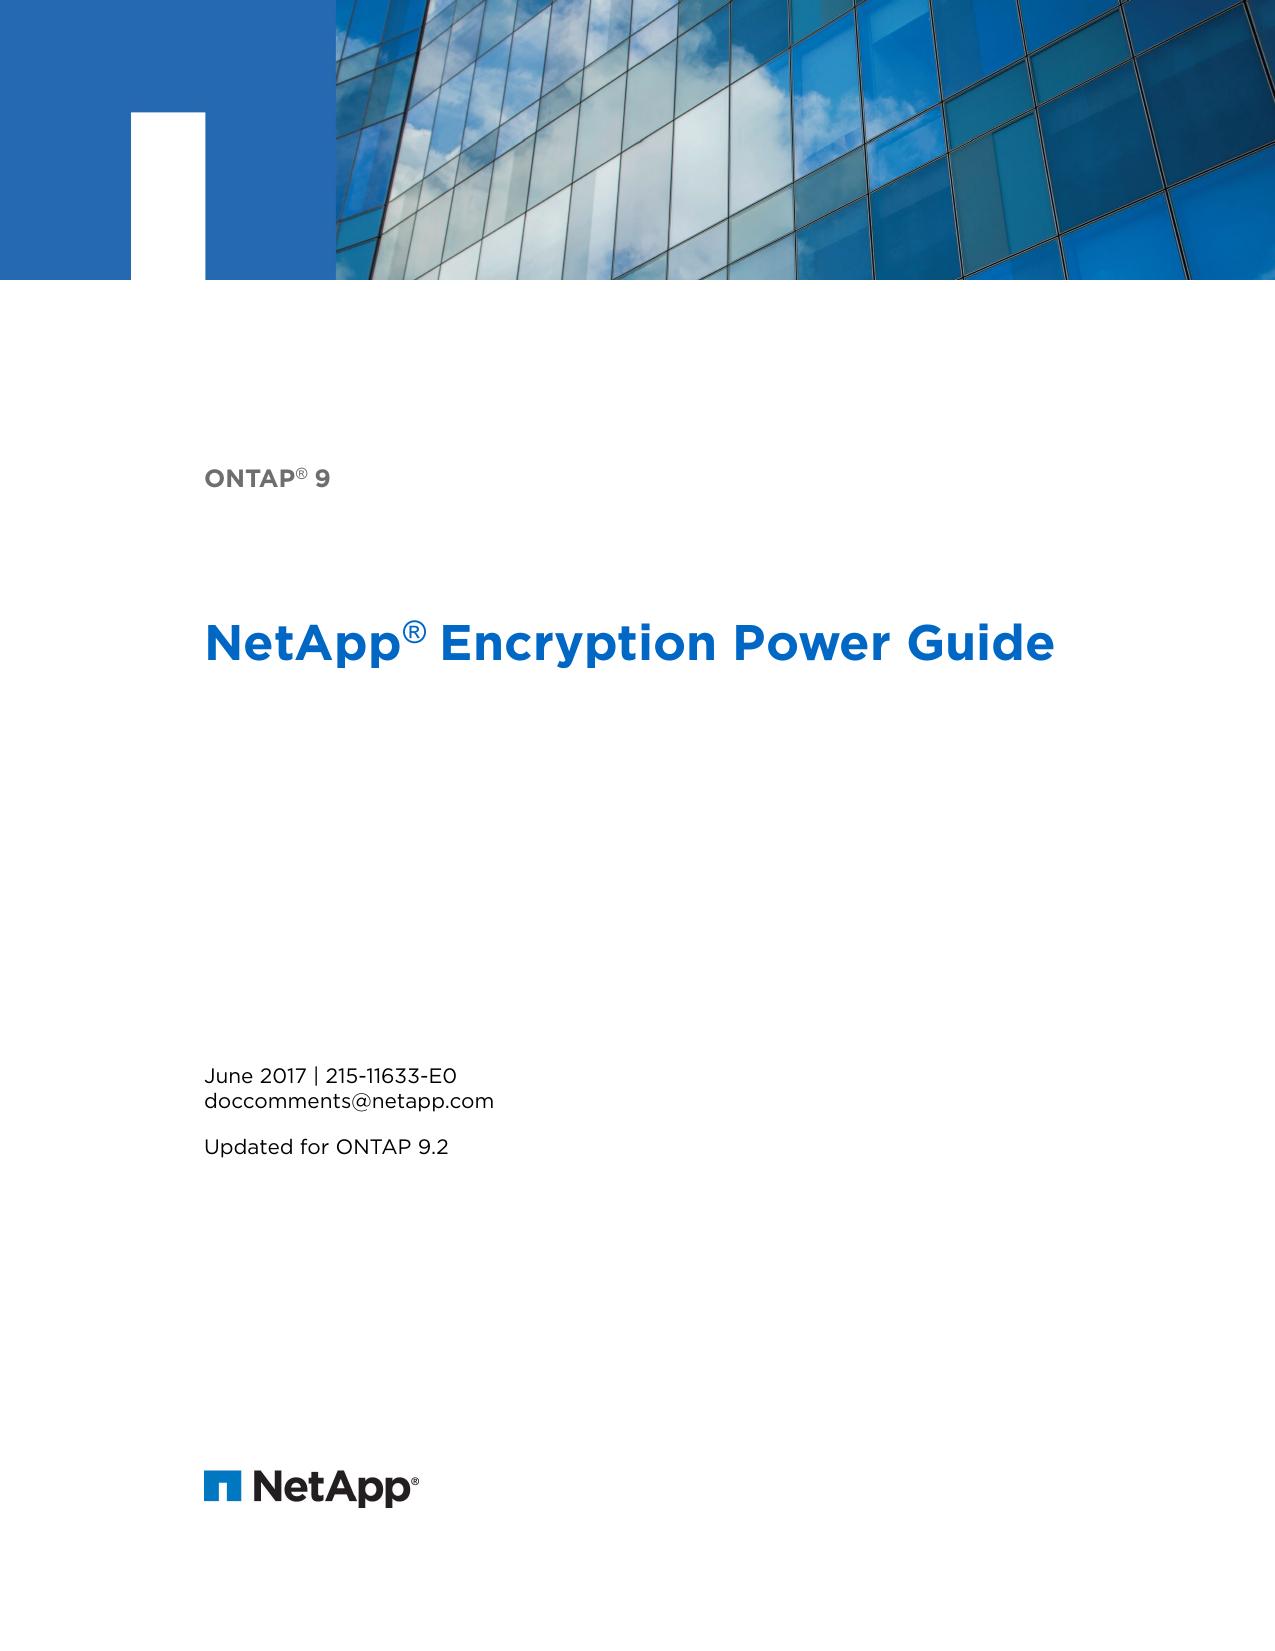 ONTAP 9 NetApp Encryption Power Guide | manualzz com